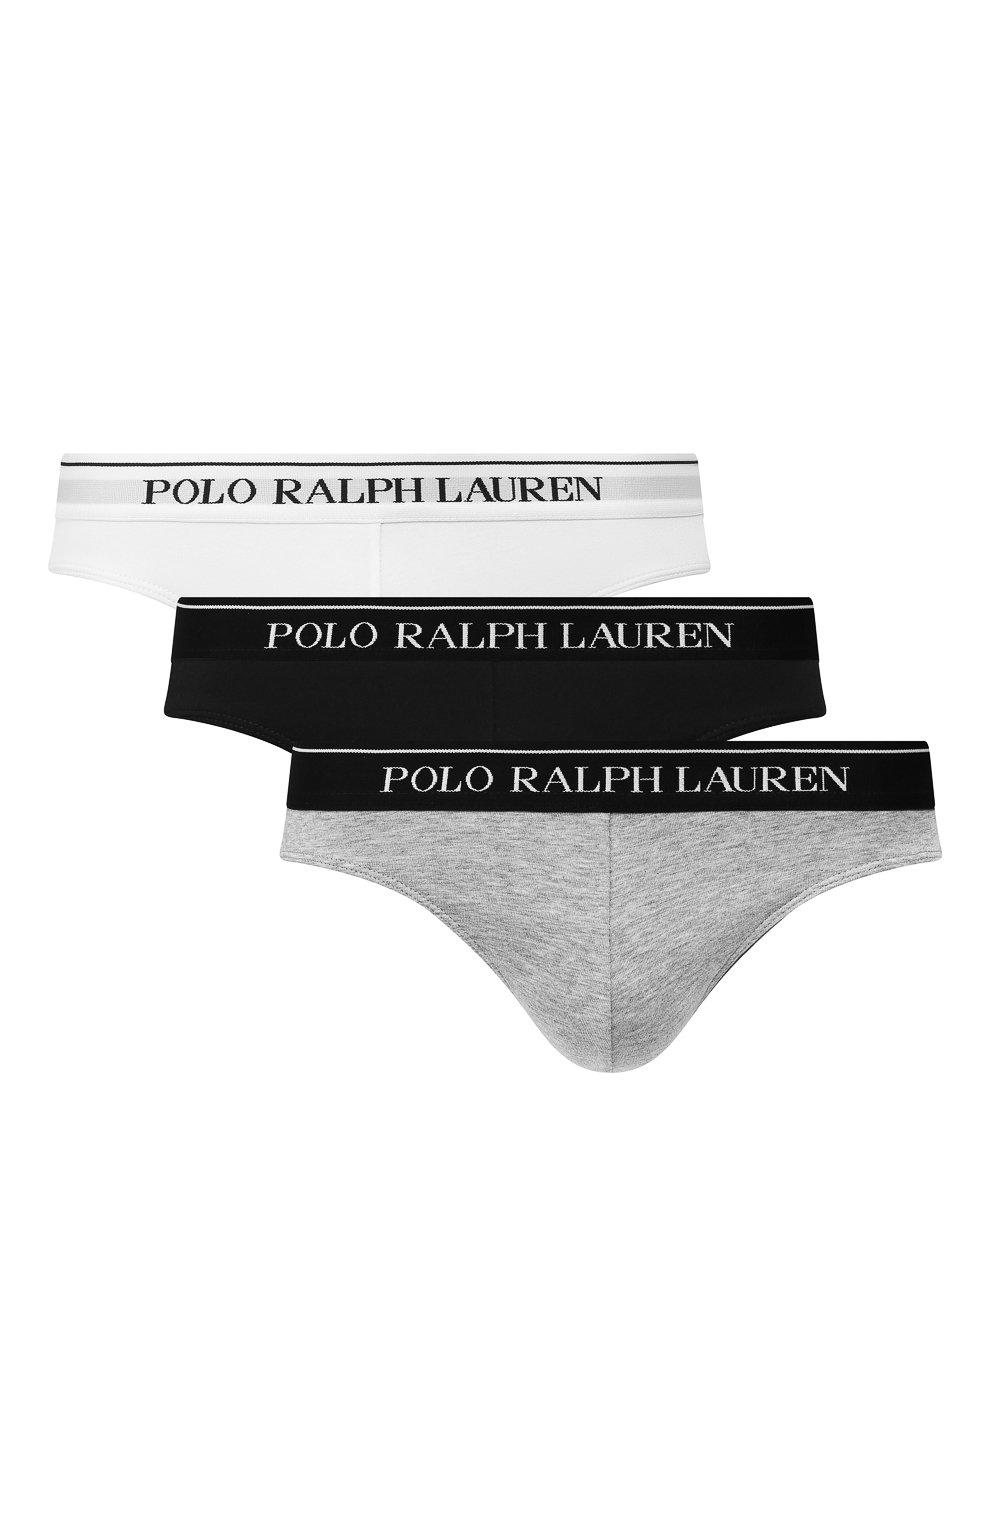 d21d3ae4e6d65 Мужские трусы Polo Ralph Lauren по цене от 2 115 руб. купить в  интернет-магазине ЦУМ